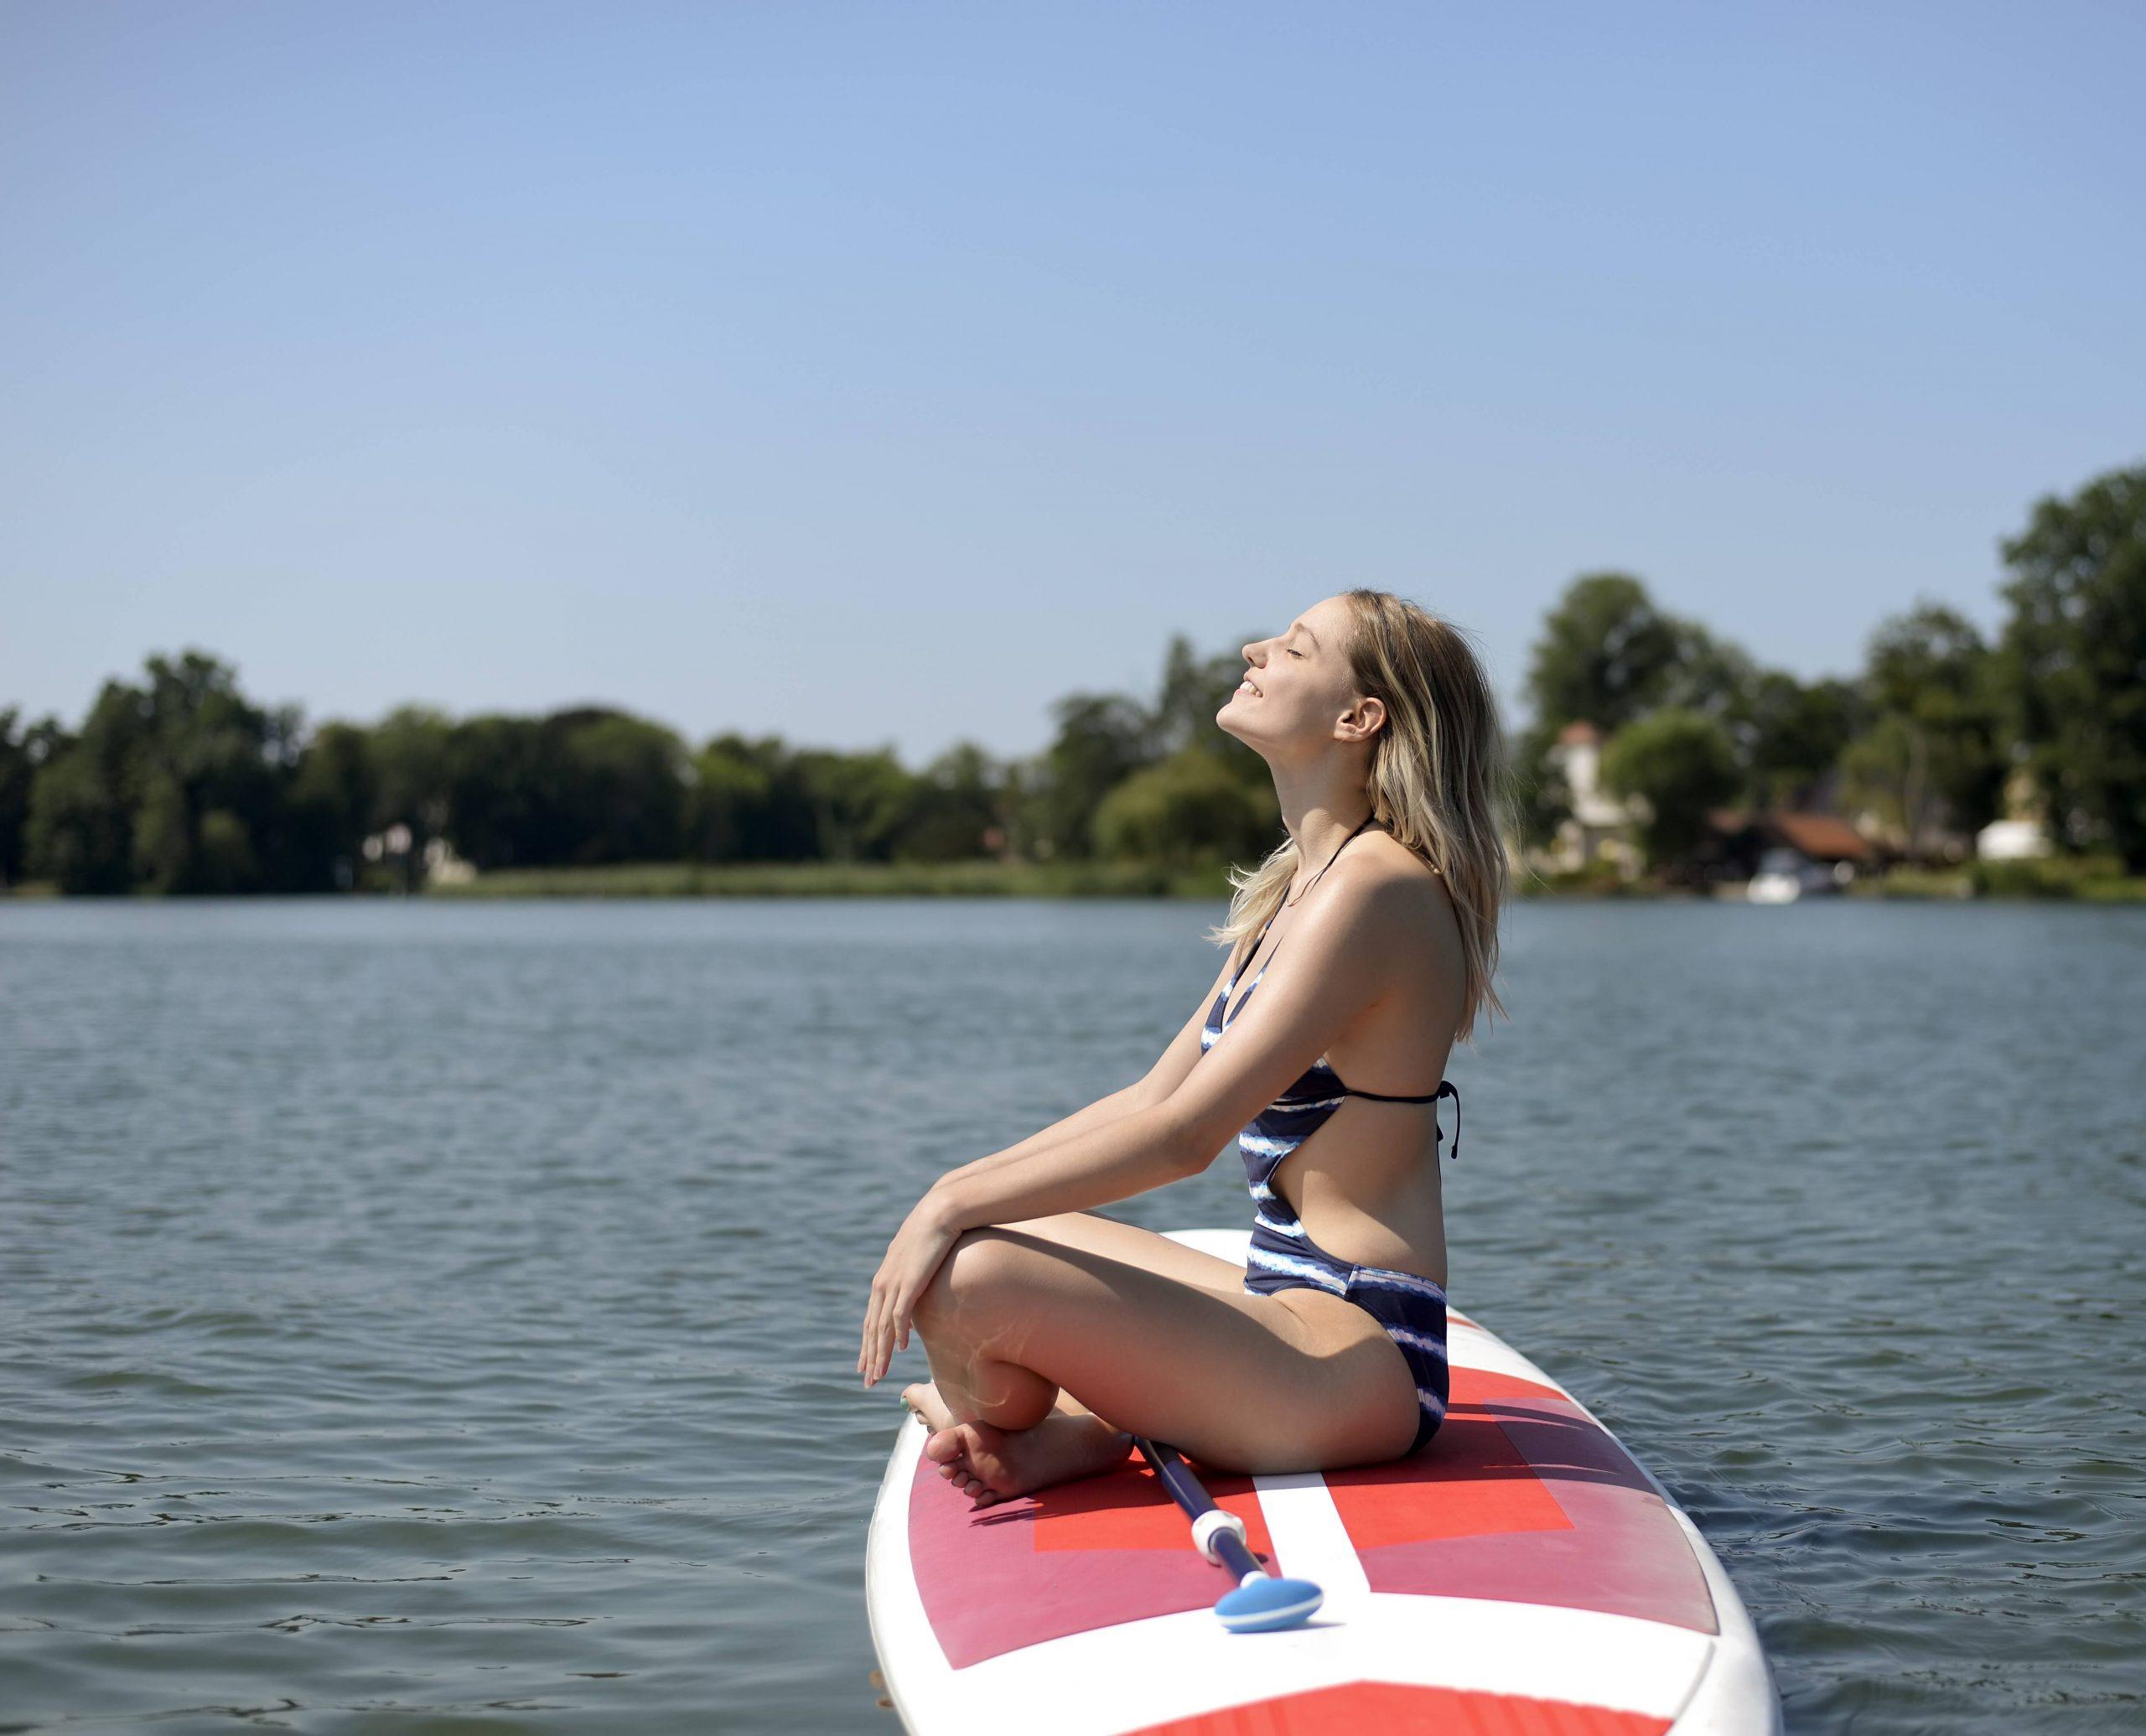 Nicht nur zum Schwimmen geeignet: Wassersport ist auf dem Zeuthener See auch möglich – oder auch einfach mal entspannen. Foto: Imago/Westend61